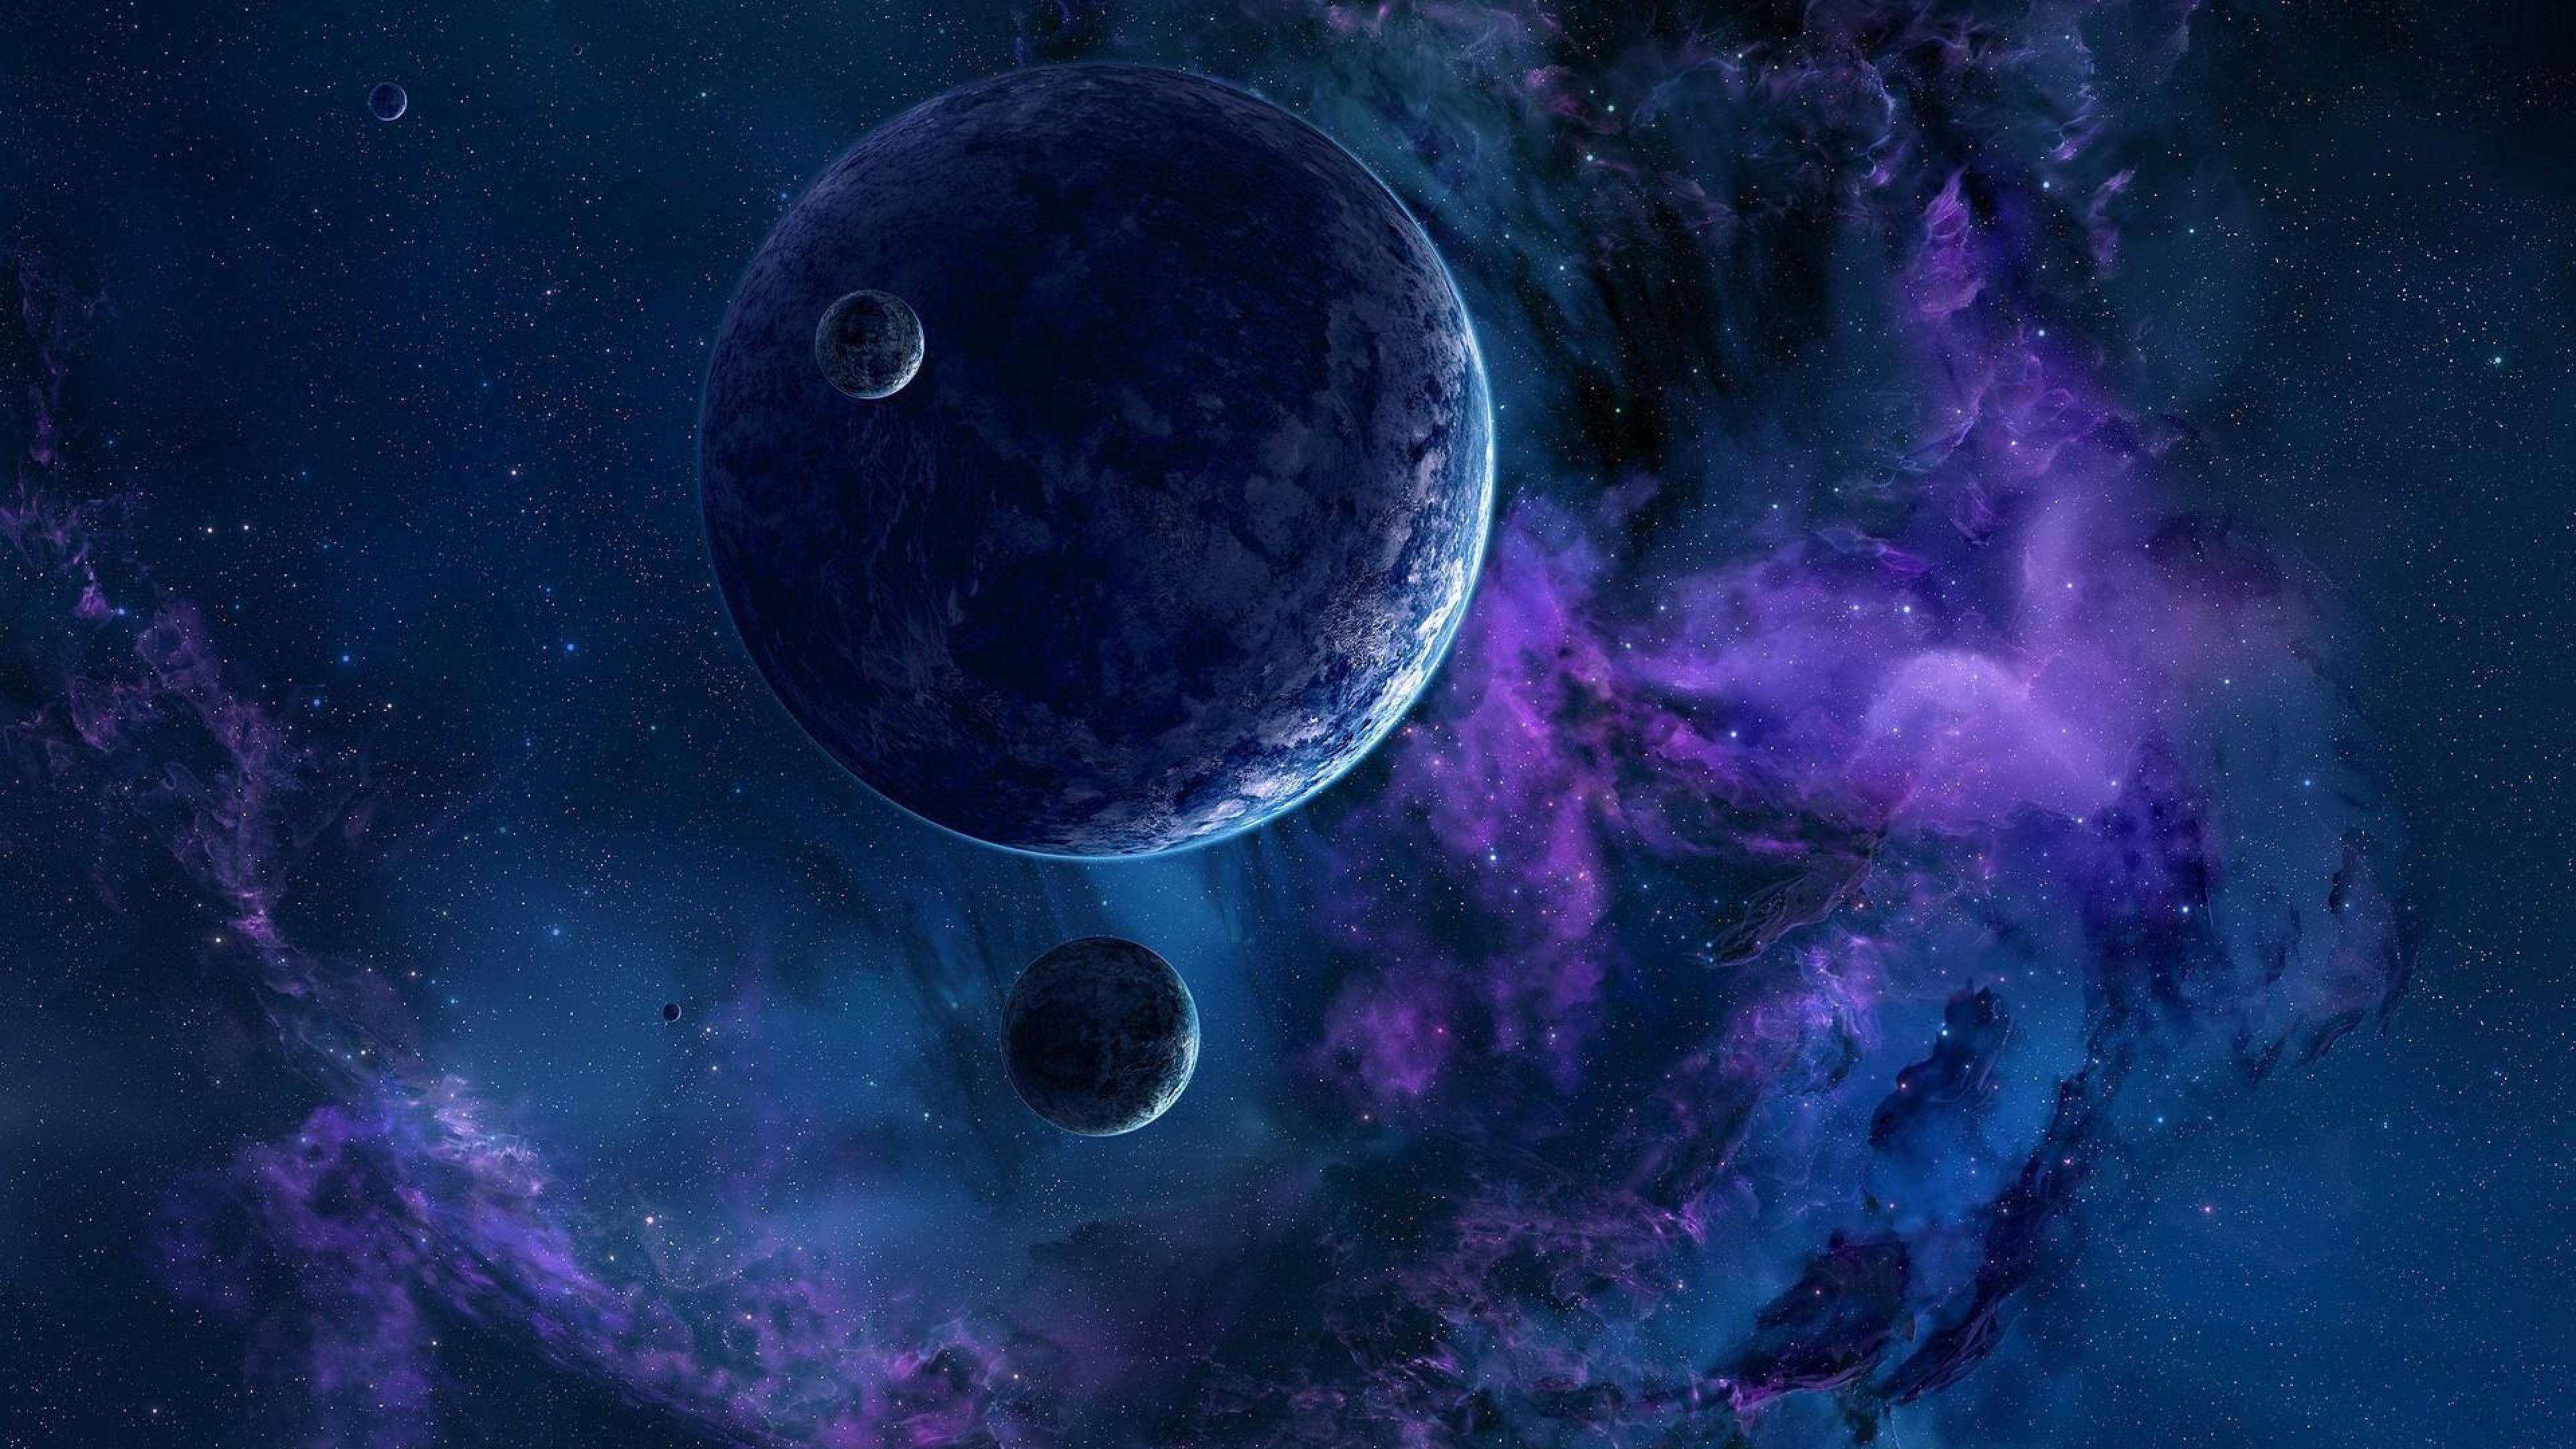 Обои Планеты синие картинки на рабочий стол на тему Космос - скачать  № 1765762 без смс